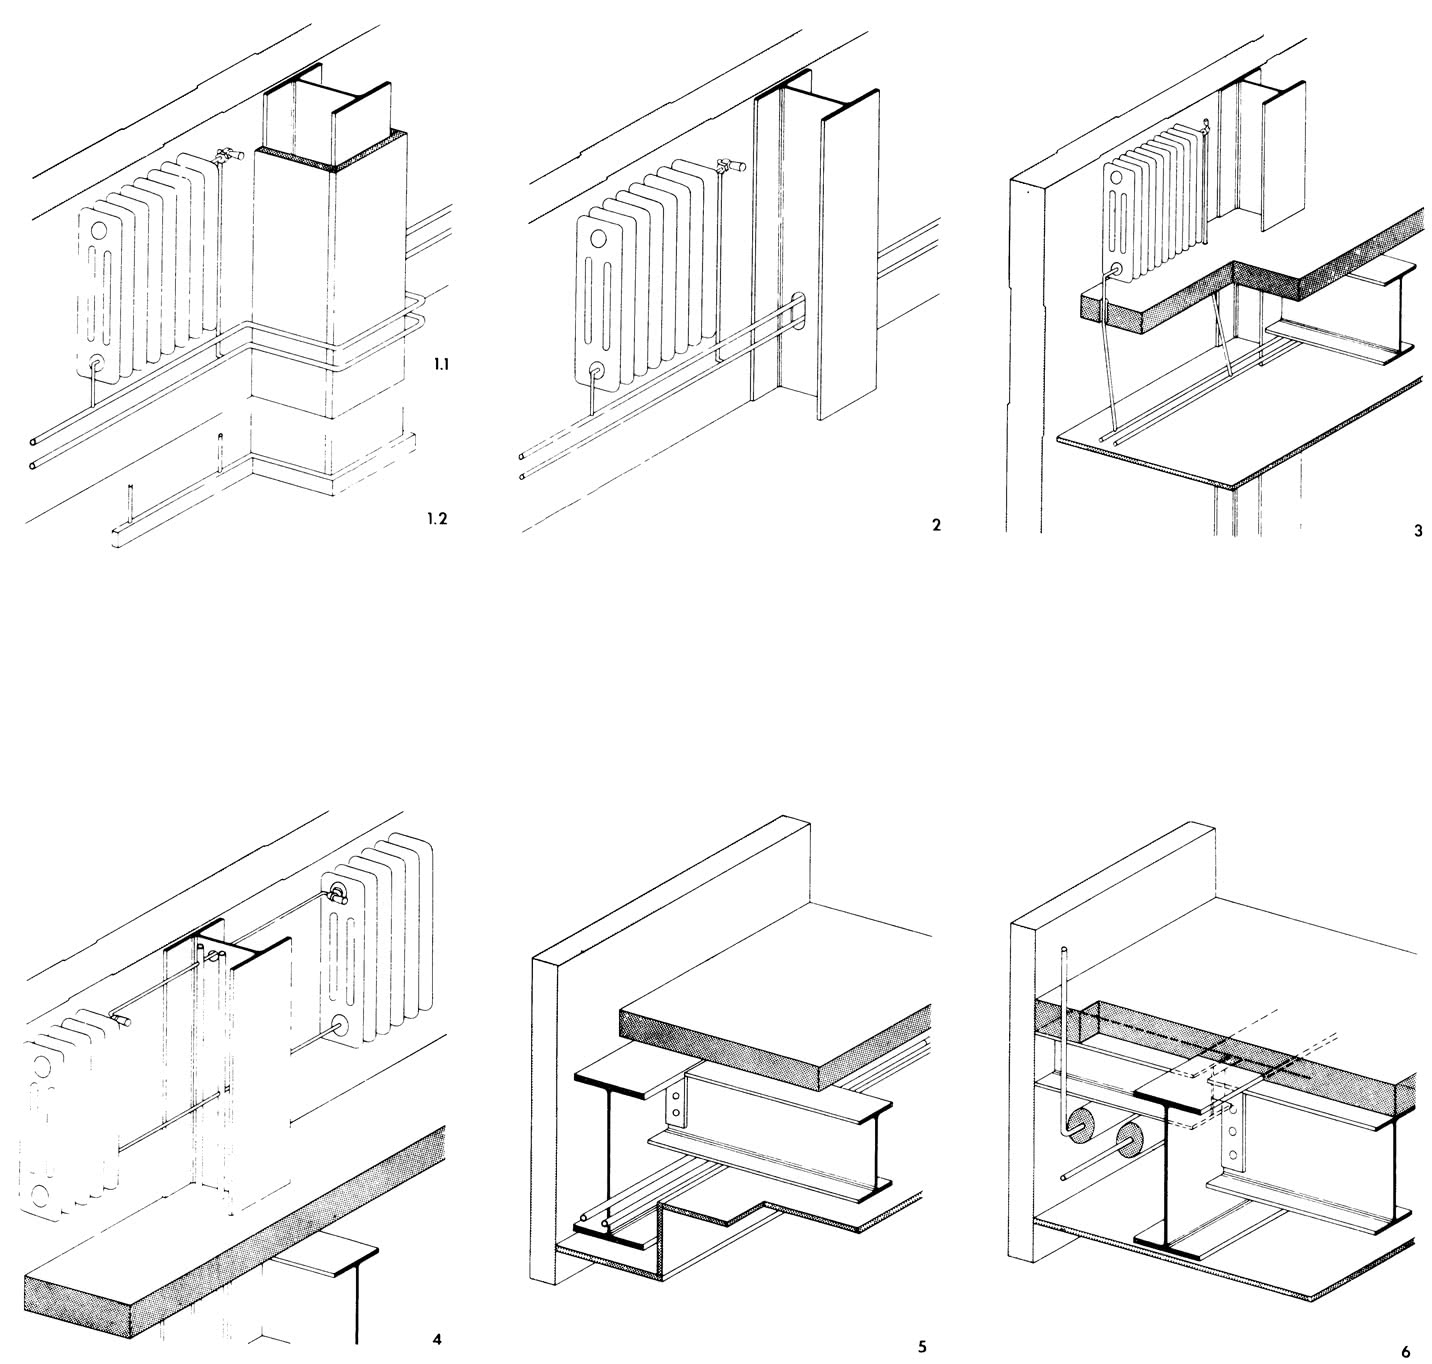 Рисунки 1-6.